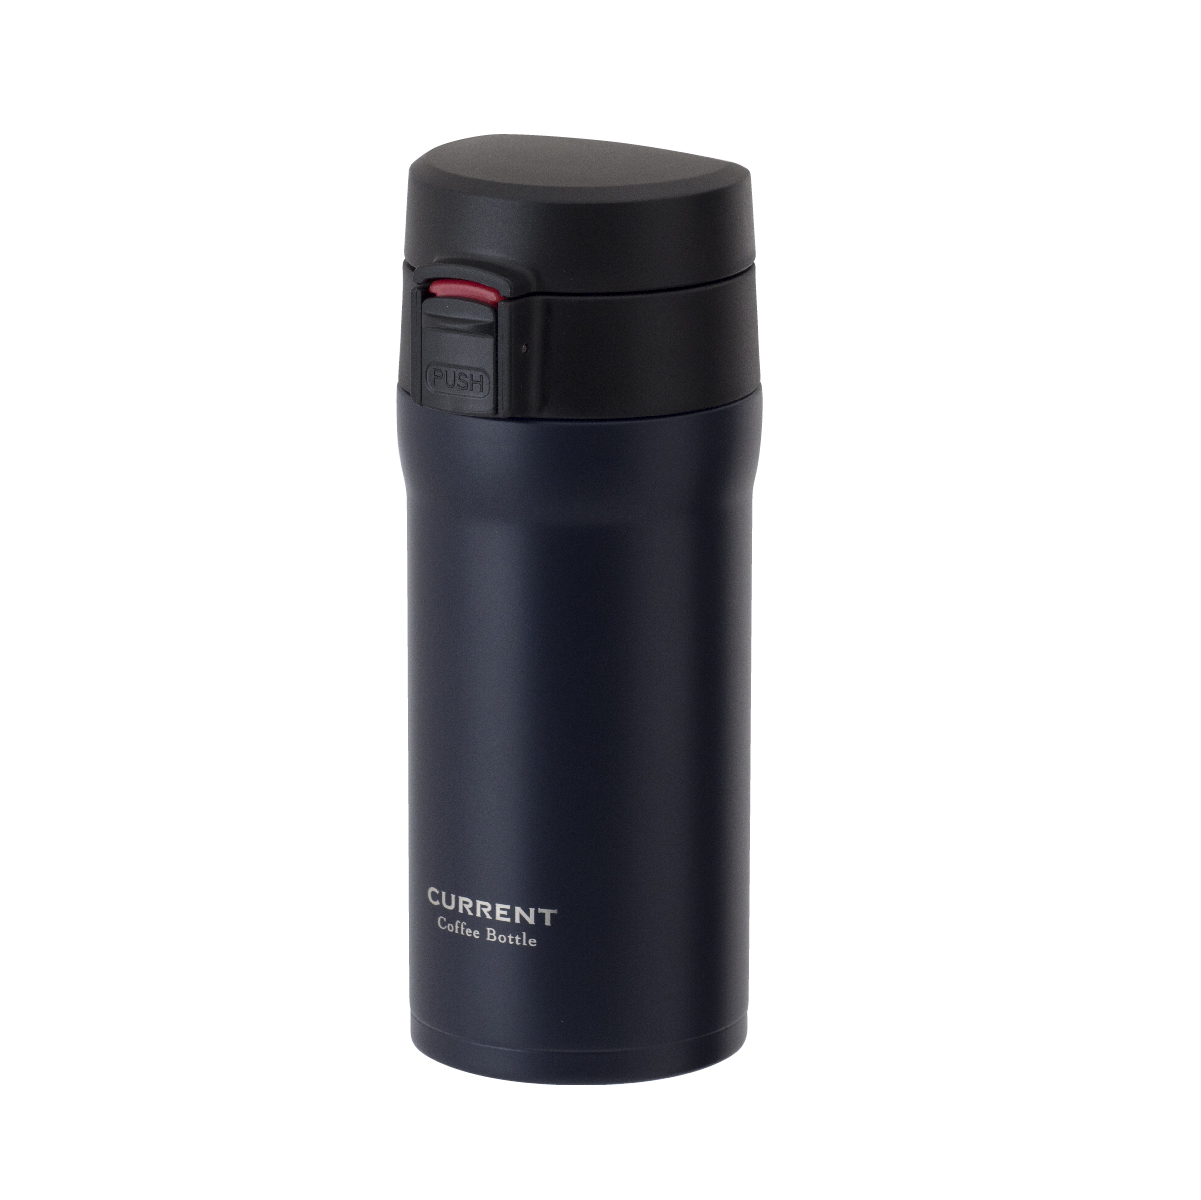 CURRENT コーヒーワンタッチボトル 350ml ネイビー